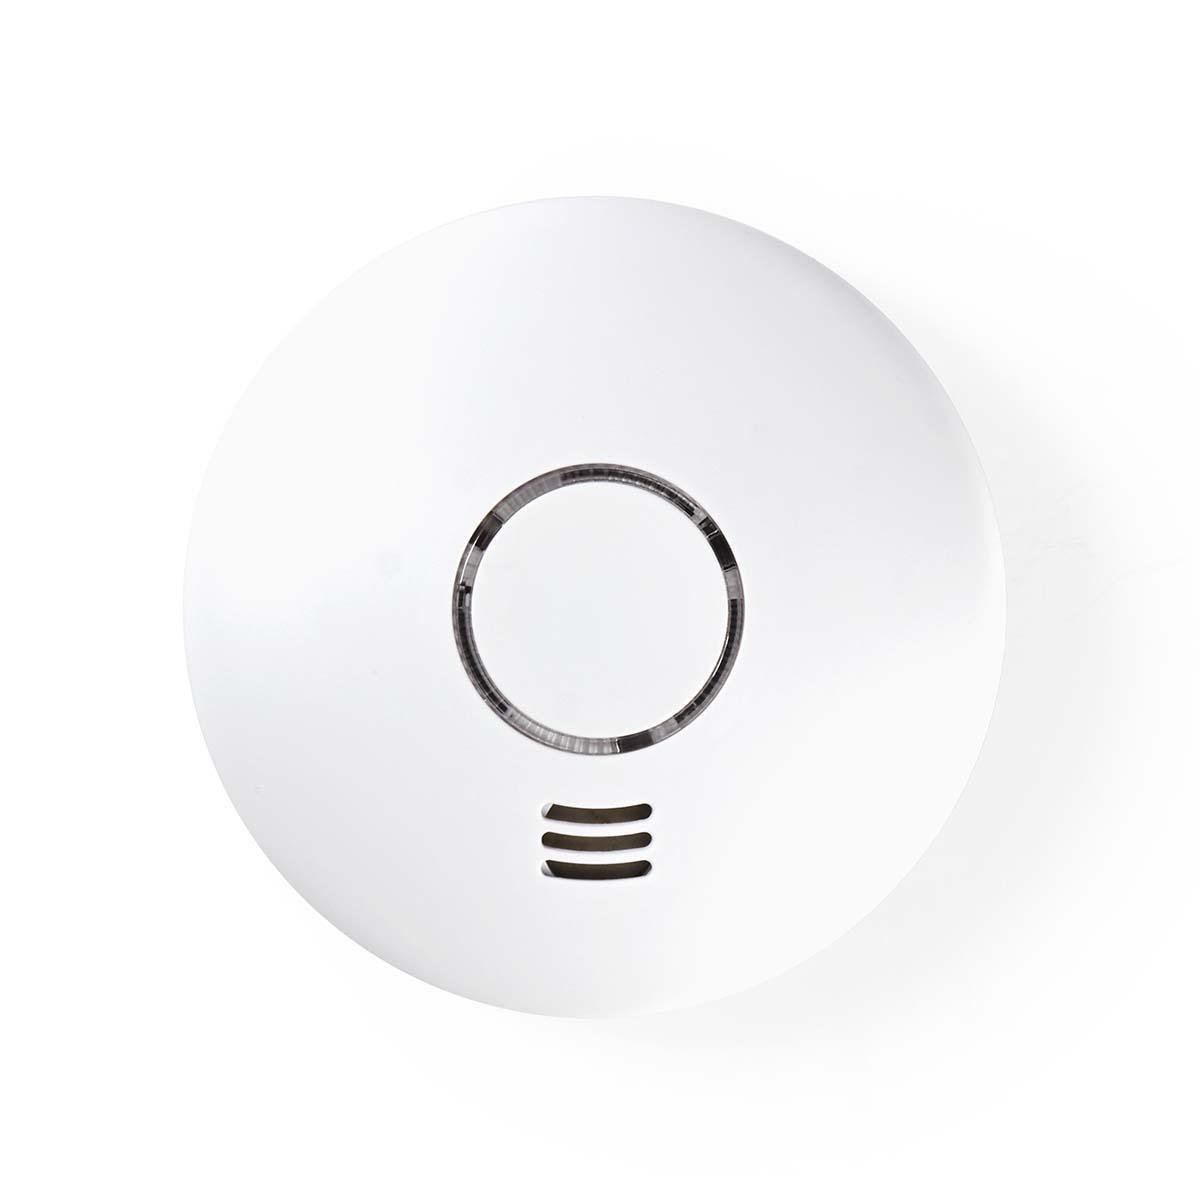 Este detector de fumaça Wi-Fi alerta você para fumaça e um aumento extremo da temperatura - um alarme alto soa para todos os que estão por perto e você também receberá uma notificação no telefone onde quer que esteja naquele momento.